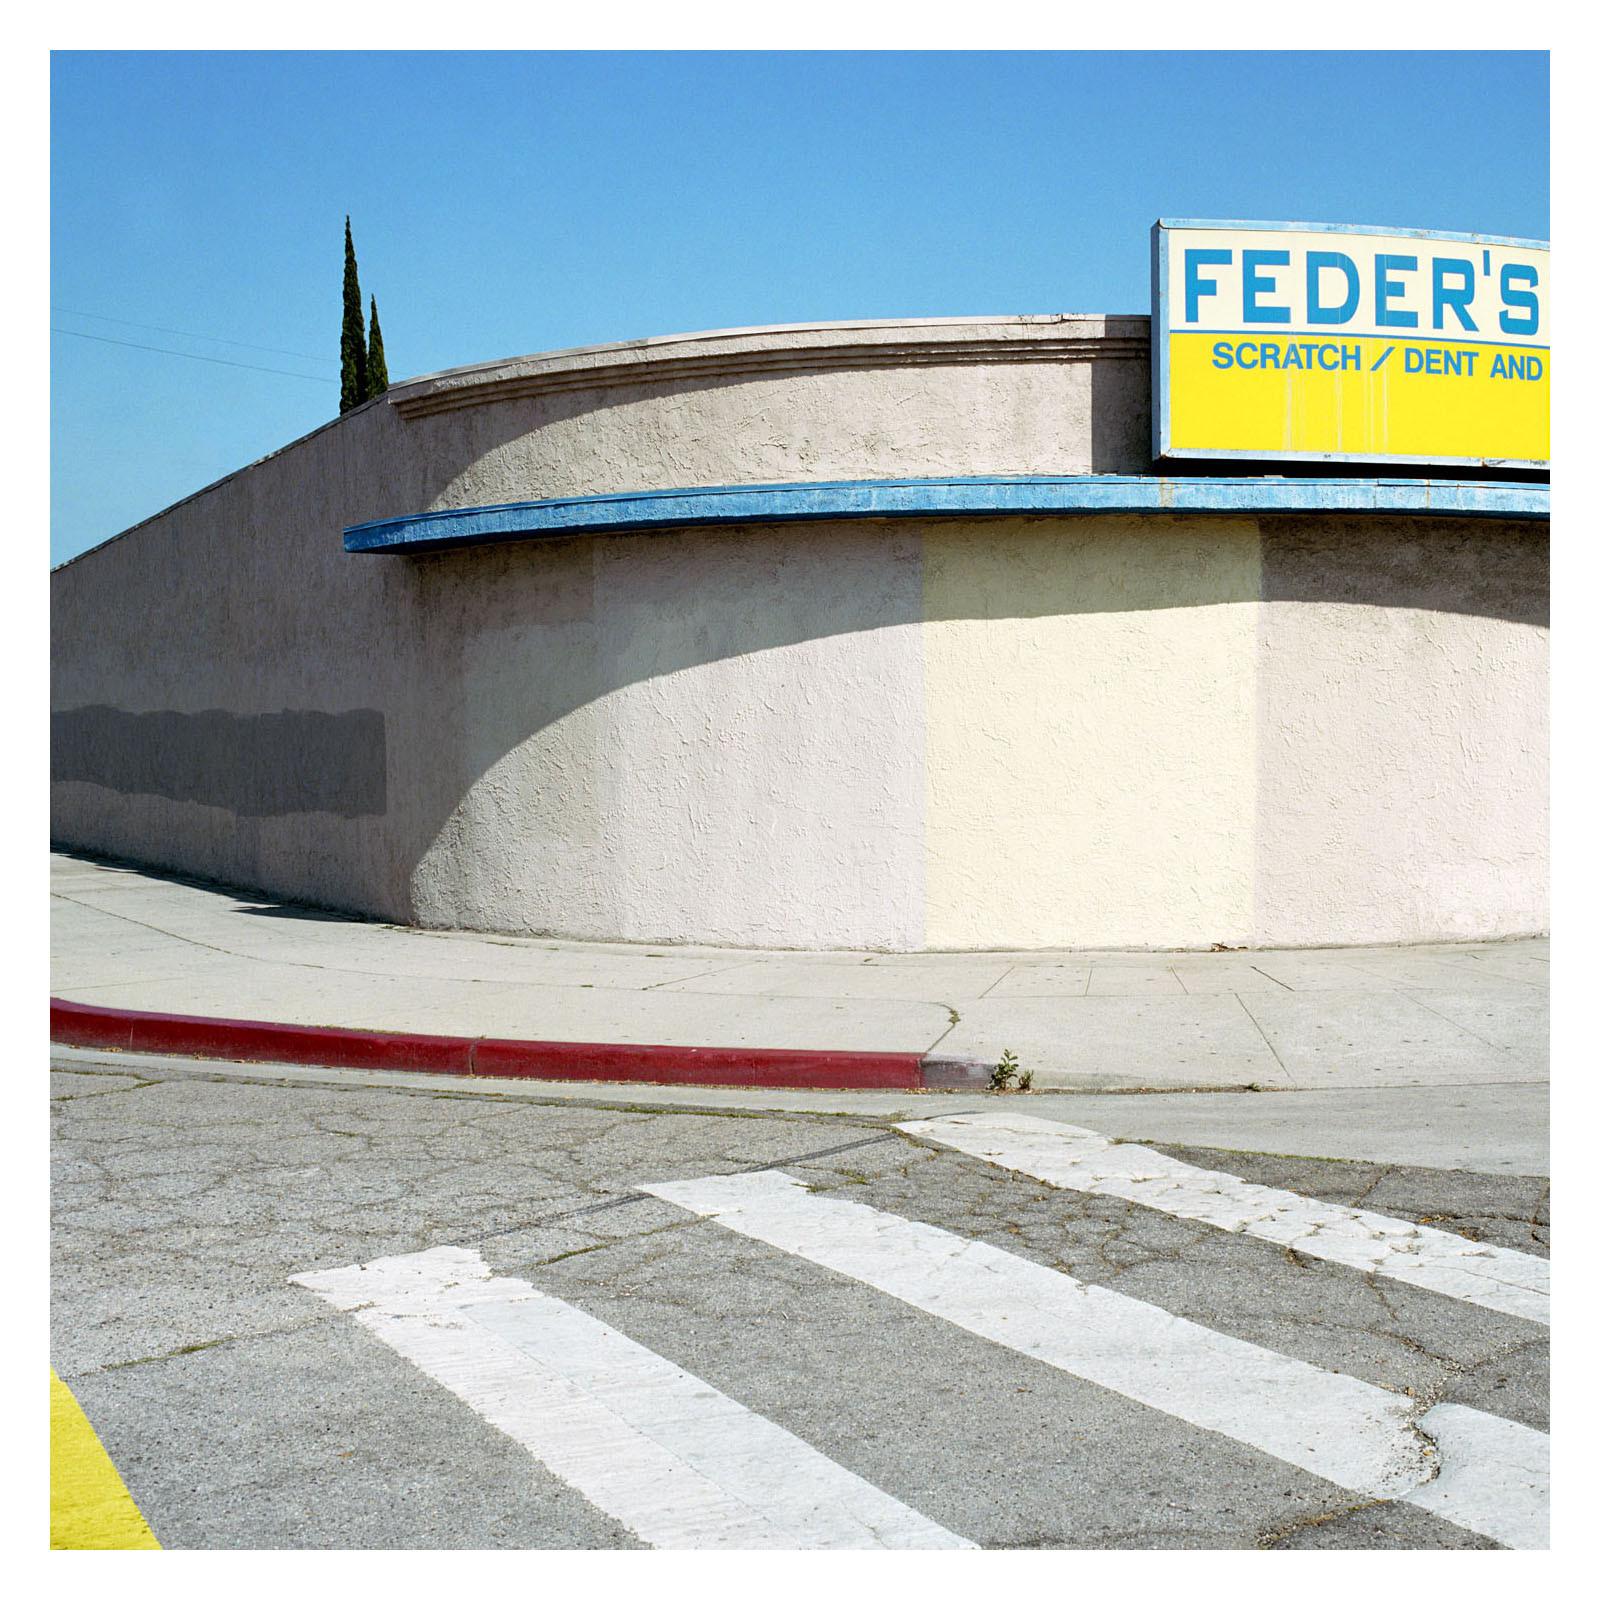 Feder's, L.A., 2015